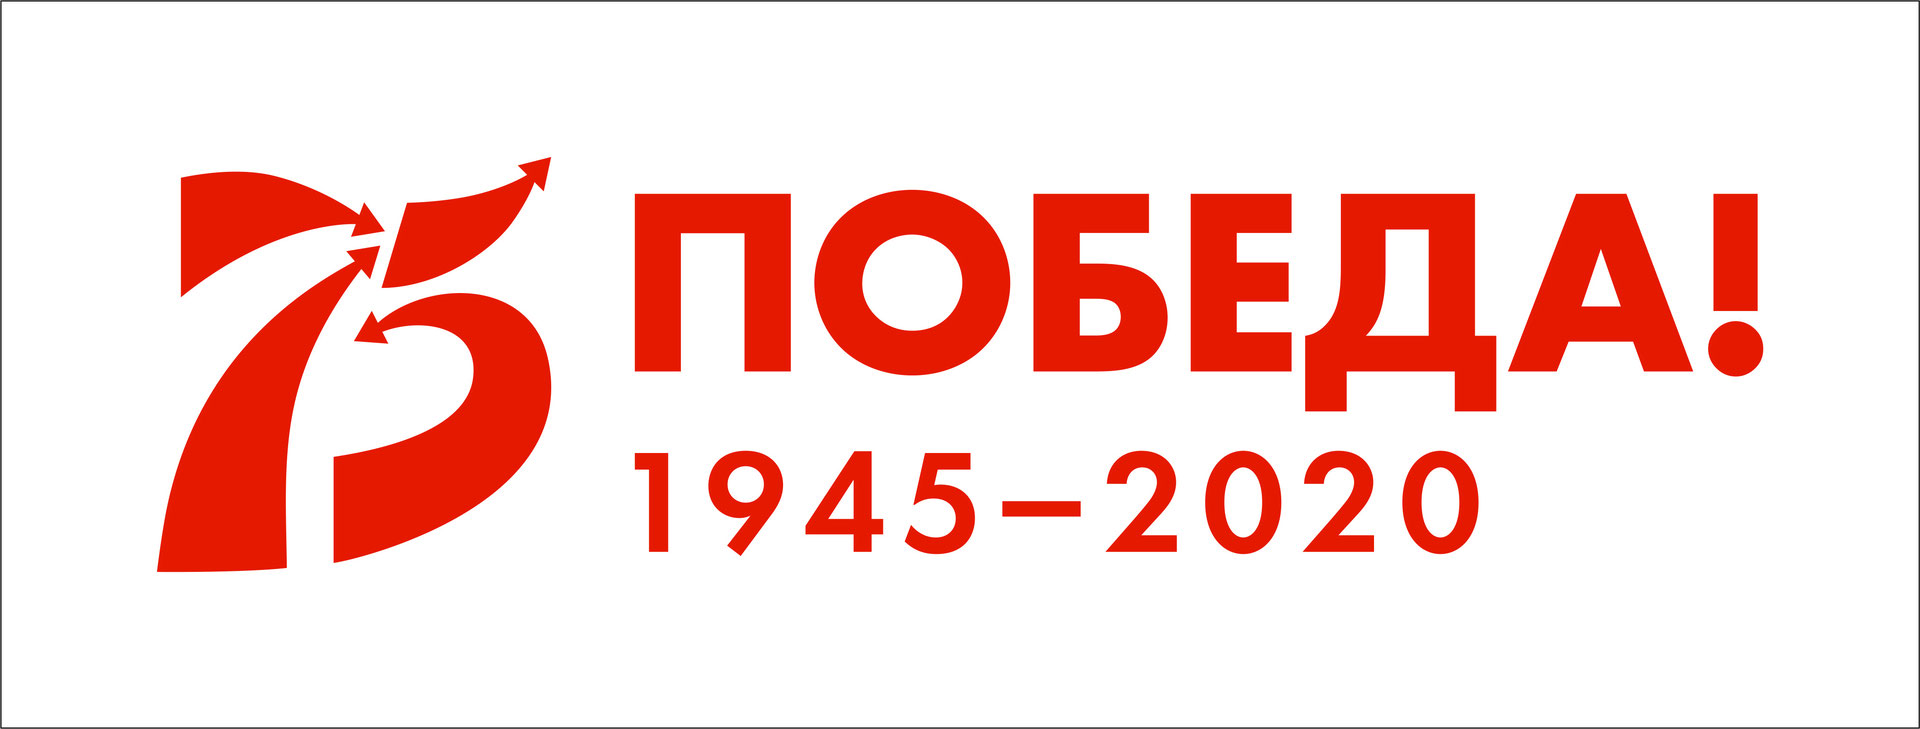 Мероприятия, посвященные 75-летию Победы в Великой Отечественной войне 1941-1945 годов